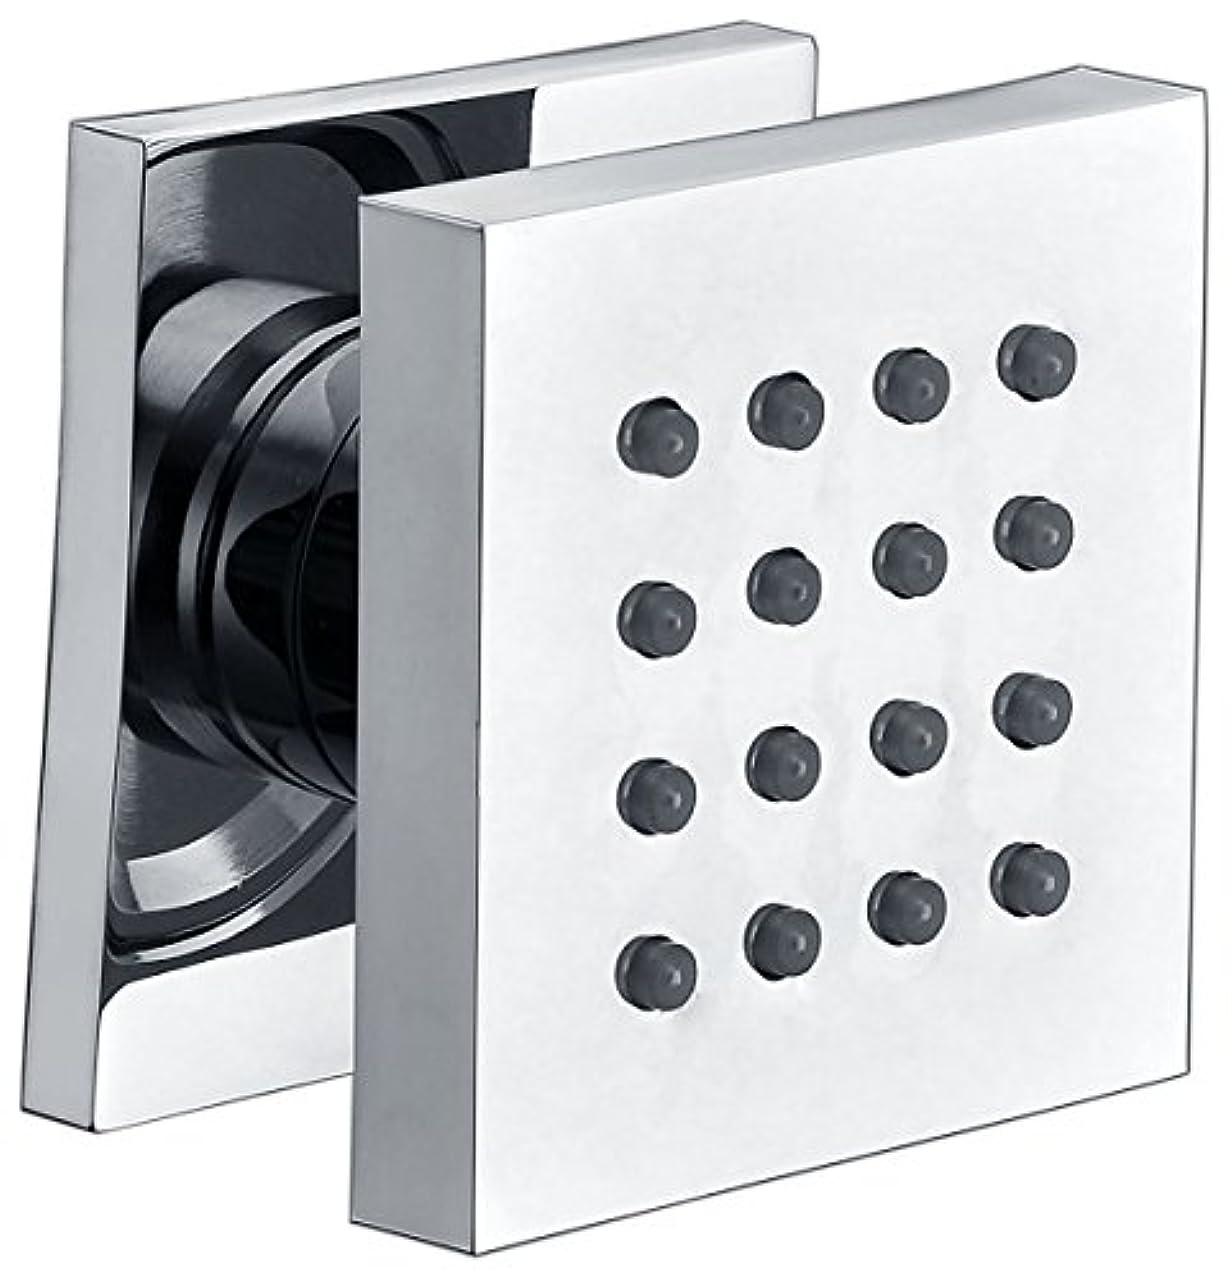 セクタ労働者前奏曲Alfiブランドab4501モダン正方形調整可能シャワーボディスプレー AB4501-PC 1